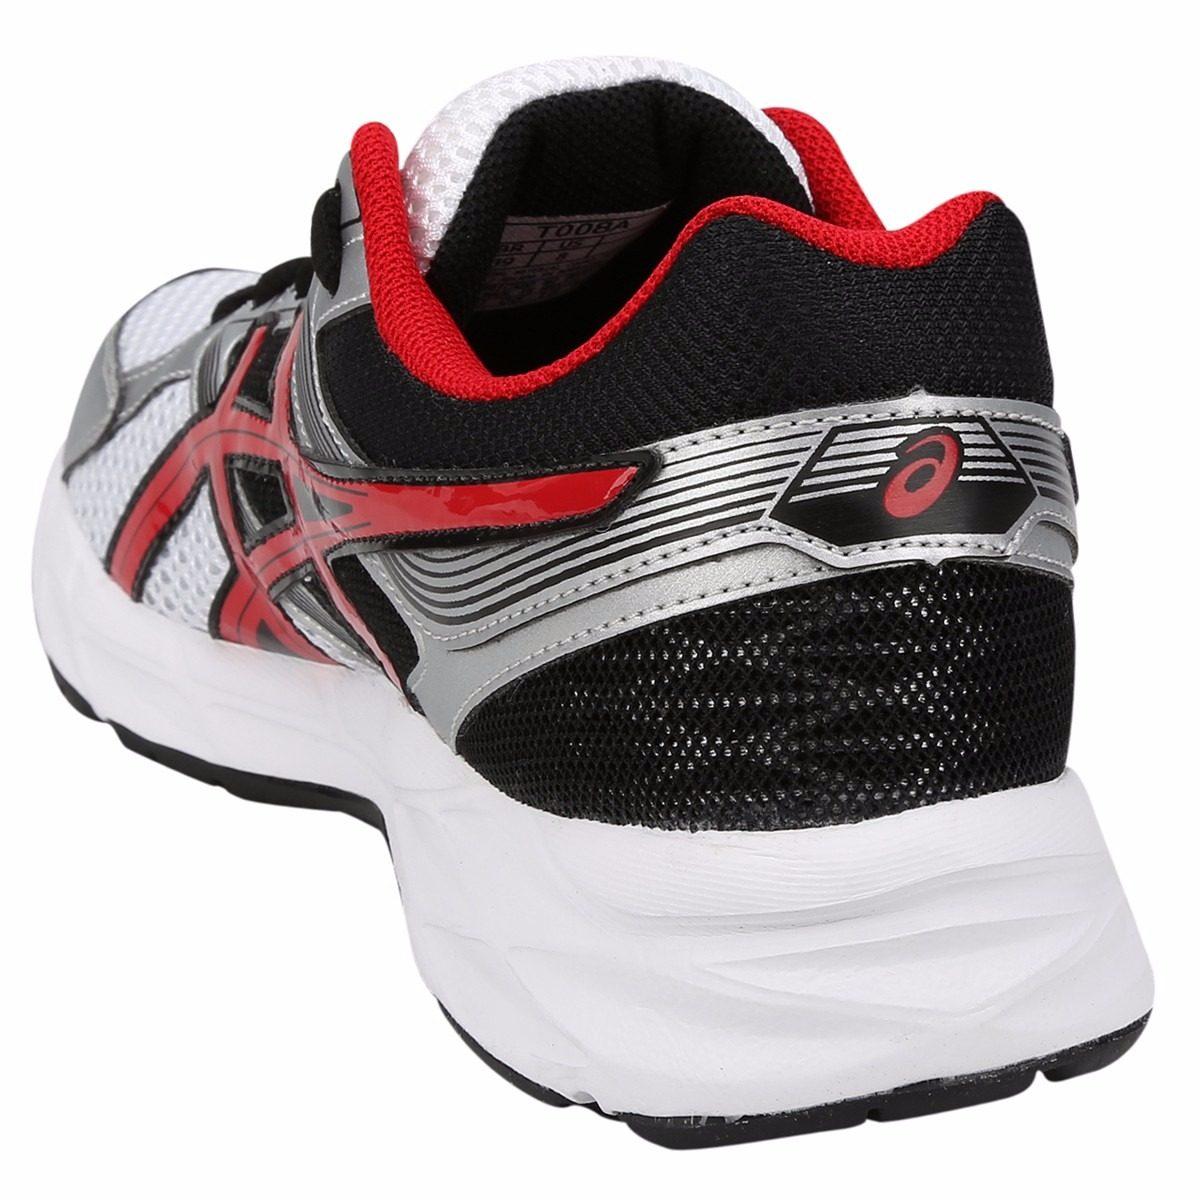 ... tênis asics gel contend 3 a masculino branco vermelho . Carregando zoom.  baf9b71cab0ad2 ... 71715df5df76f